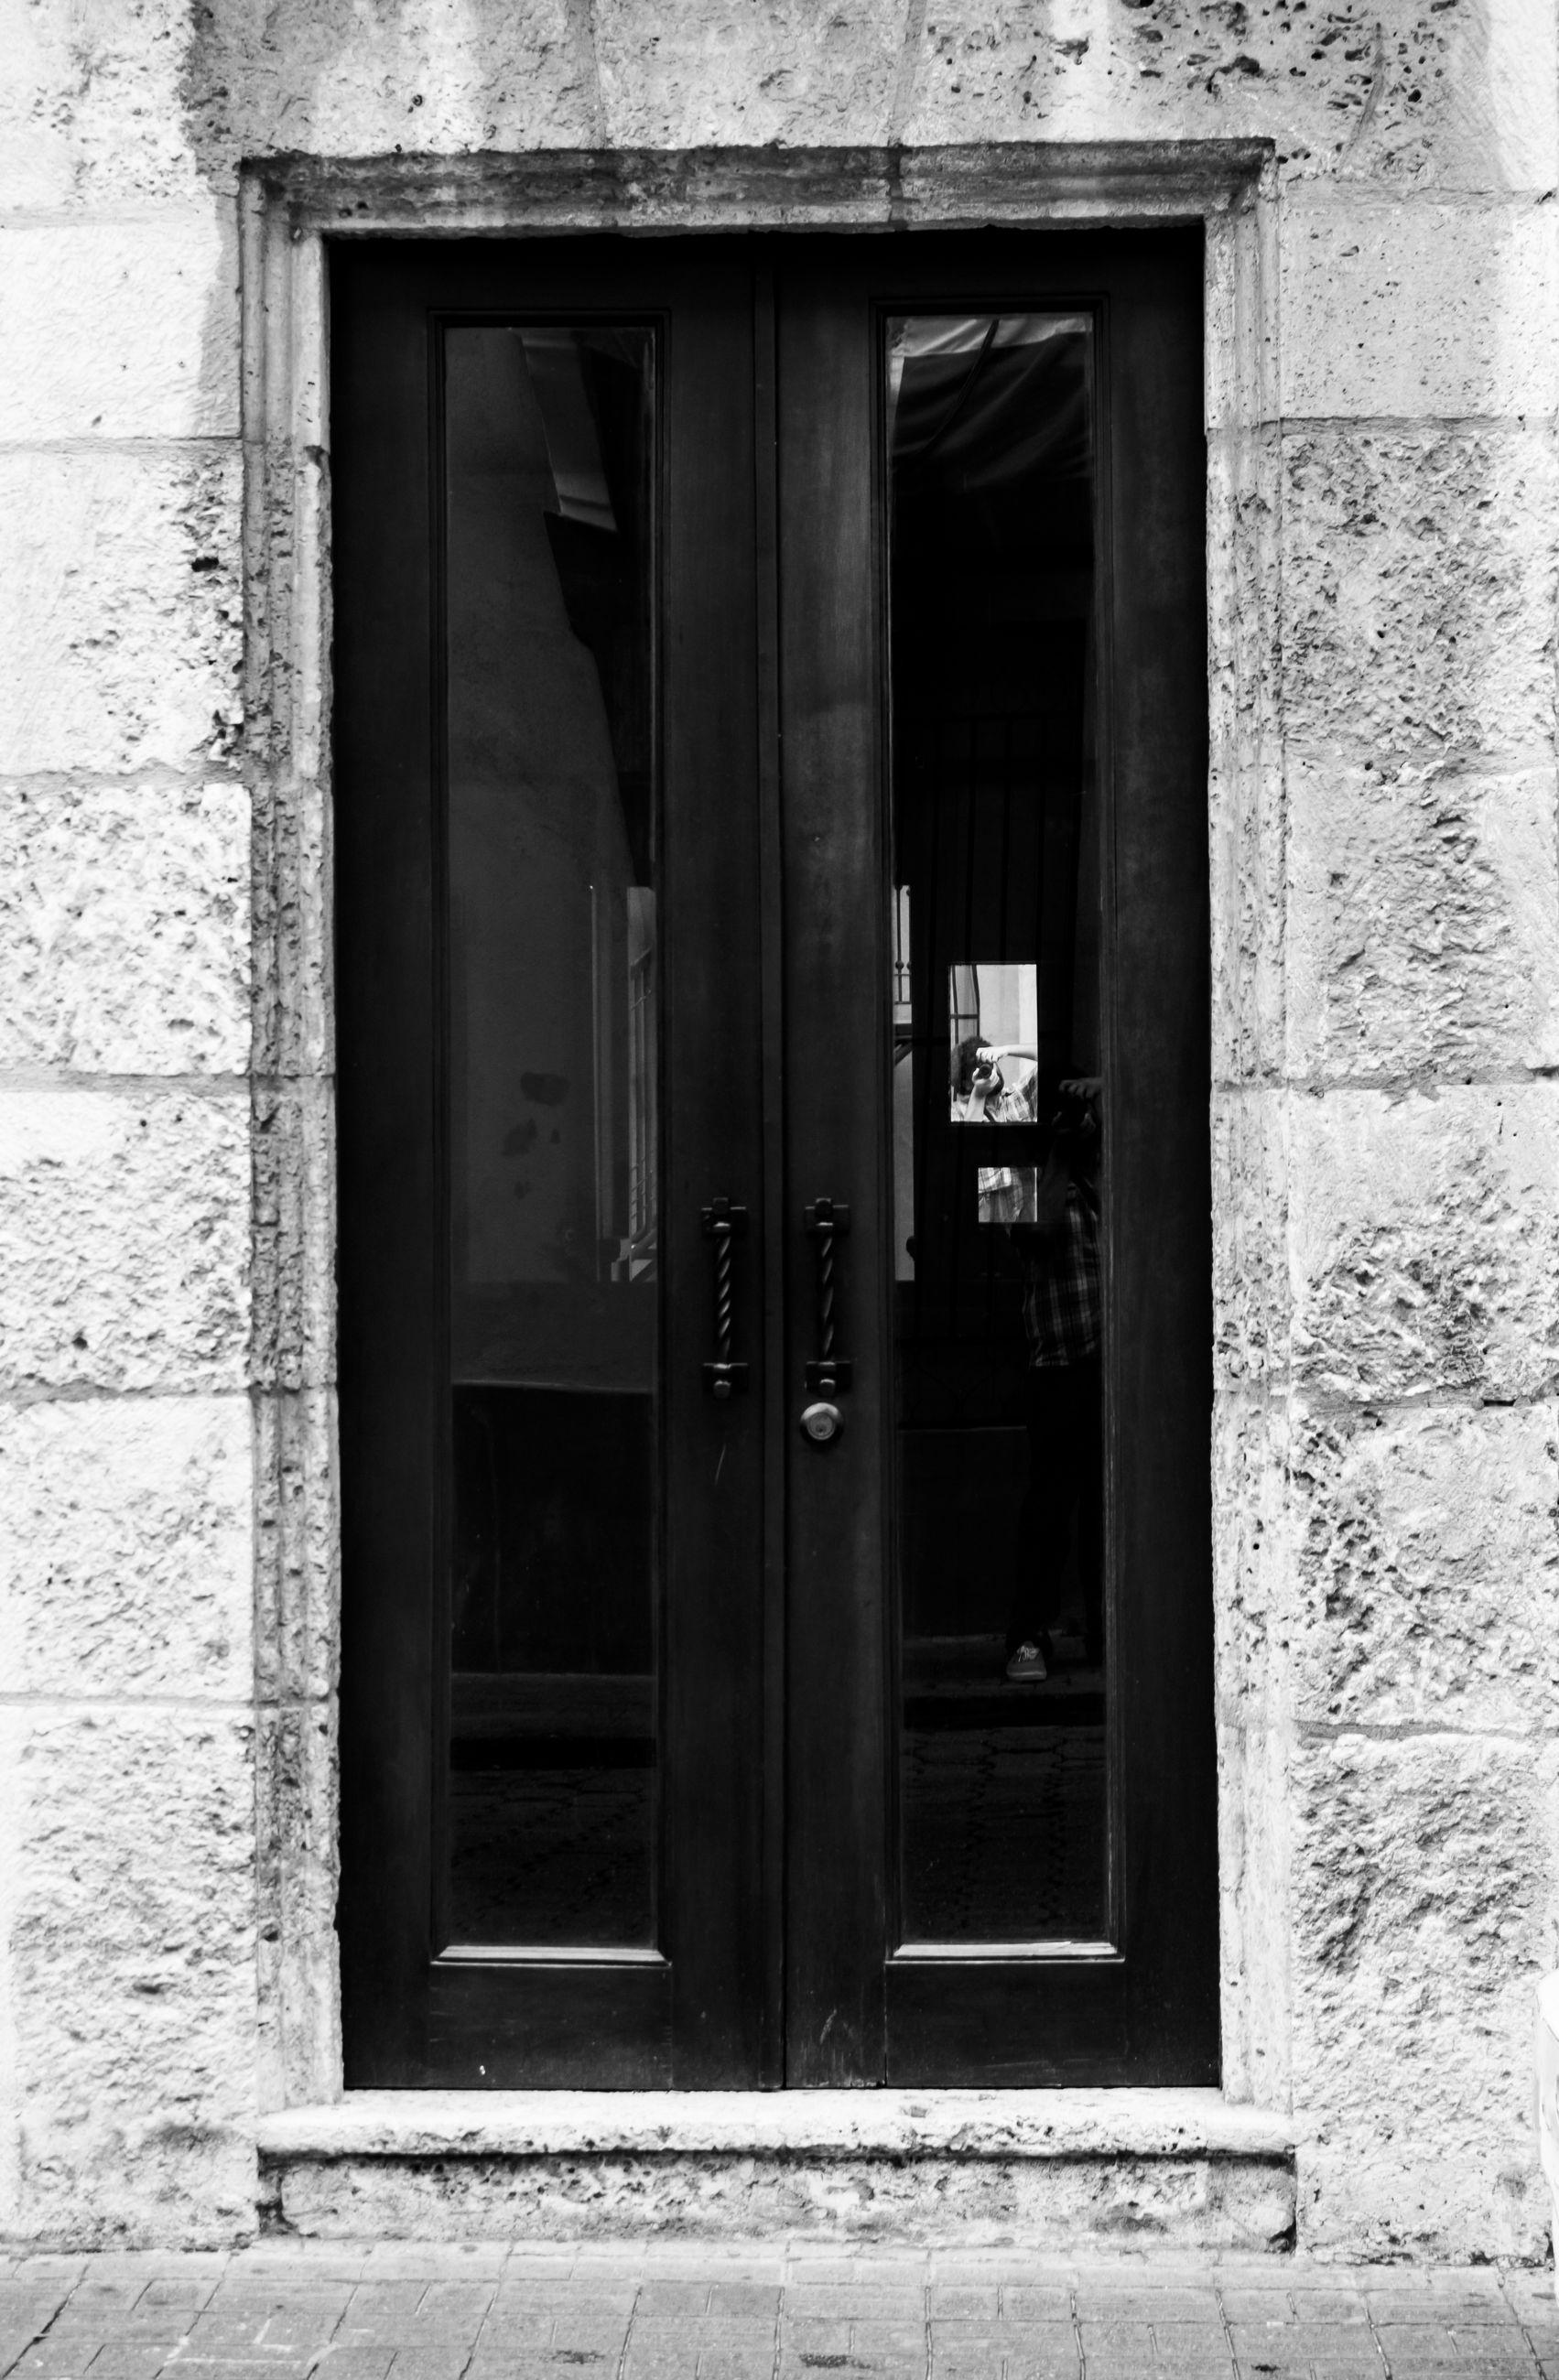 door, window, entrance, built structure, open, architecture, day, doorway, no people, building exterior, open door, outdoors, close-up